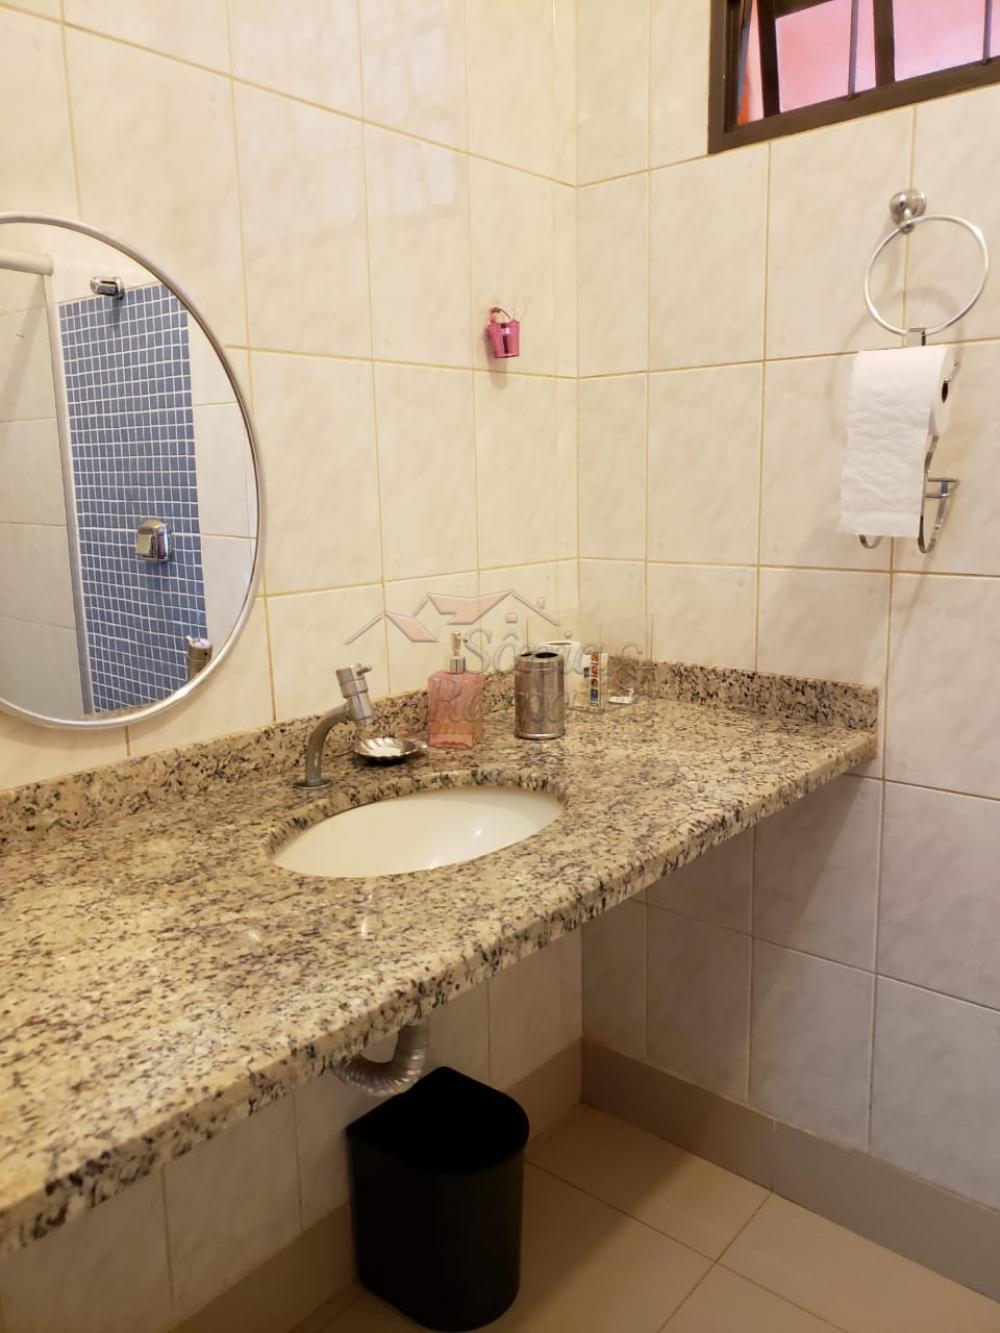 Comprar Casas / Padrão em Ribeirão Preto R$ 580.000,00 - Foto 8